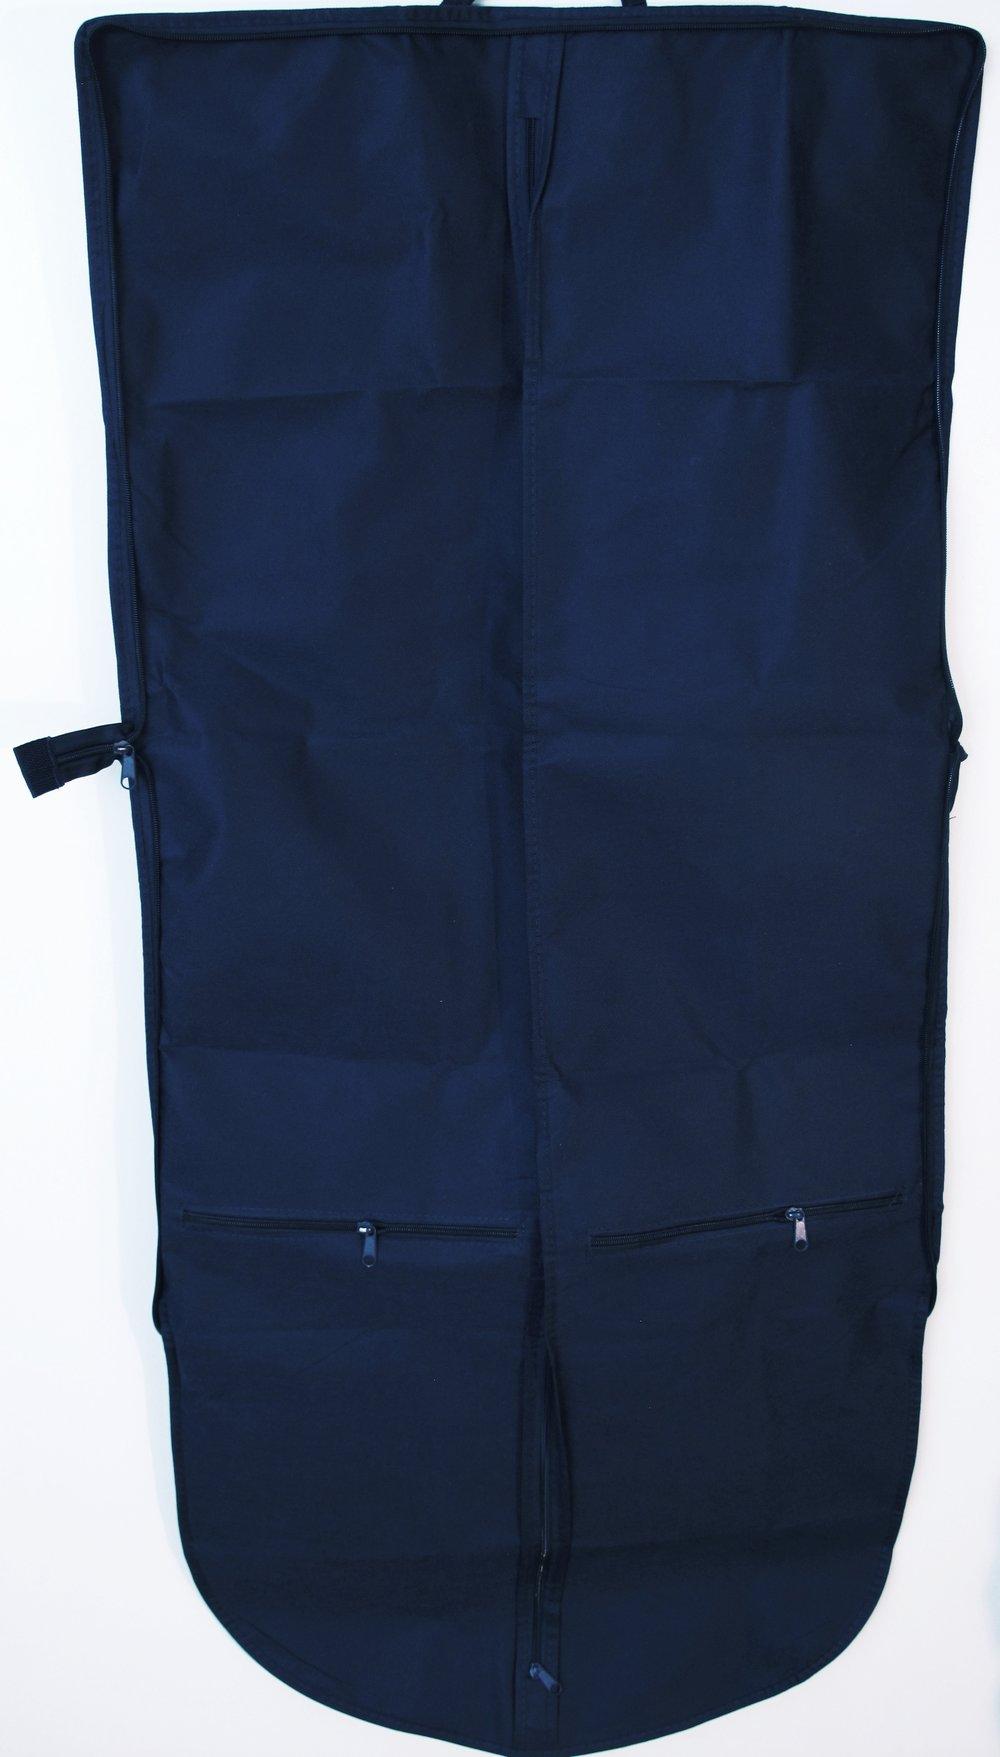 Des poches ont même été prévu pour emporter avec vous quelques accesoires